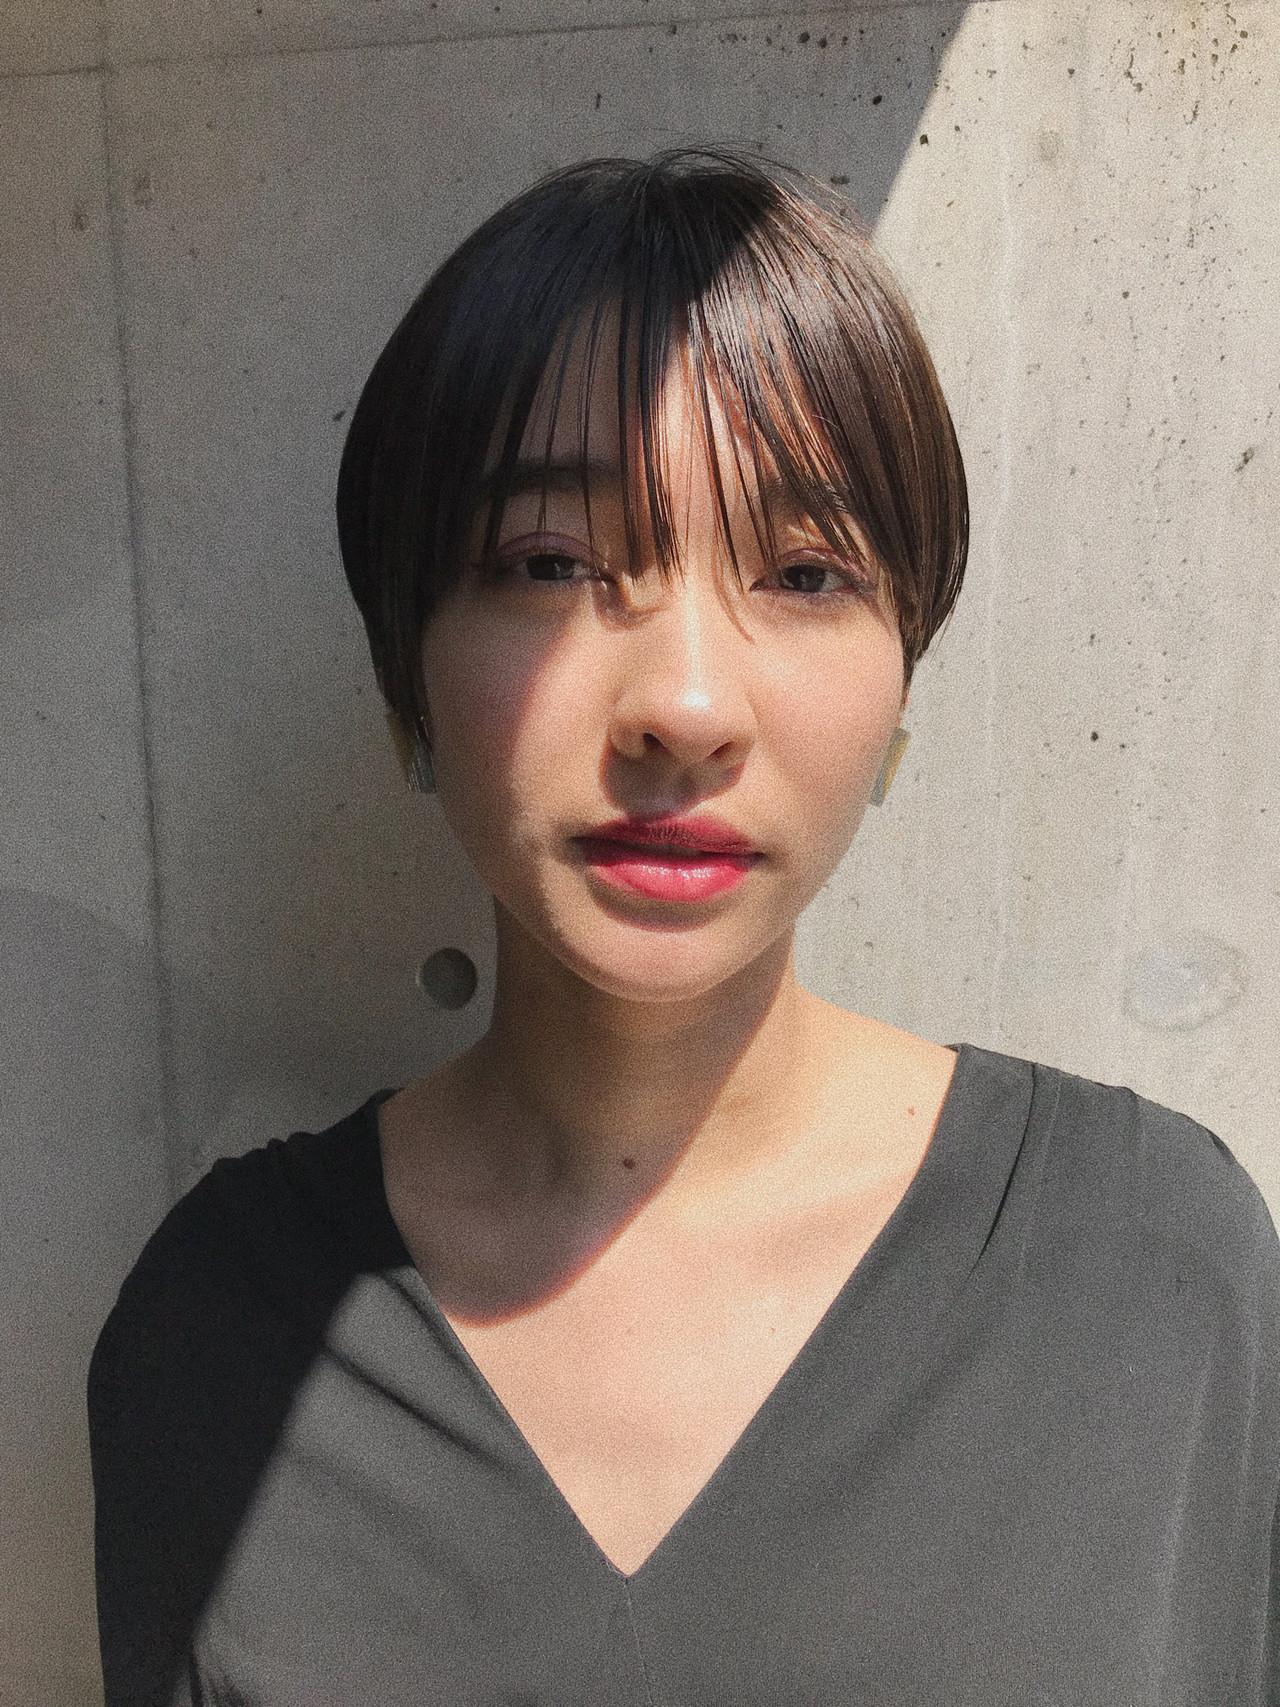 刈り上げ 抜け感 刈り上げ女子 モード ヘアスタイルや髪型の写真・画像 | 小西敬二郎 / Heartim